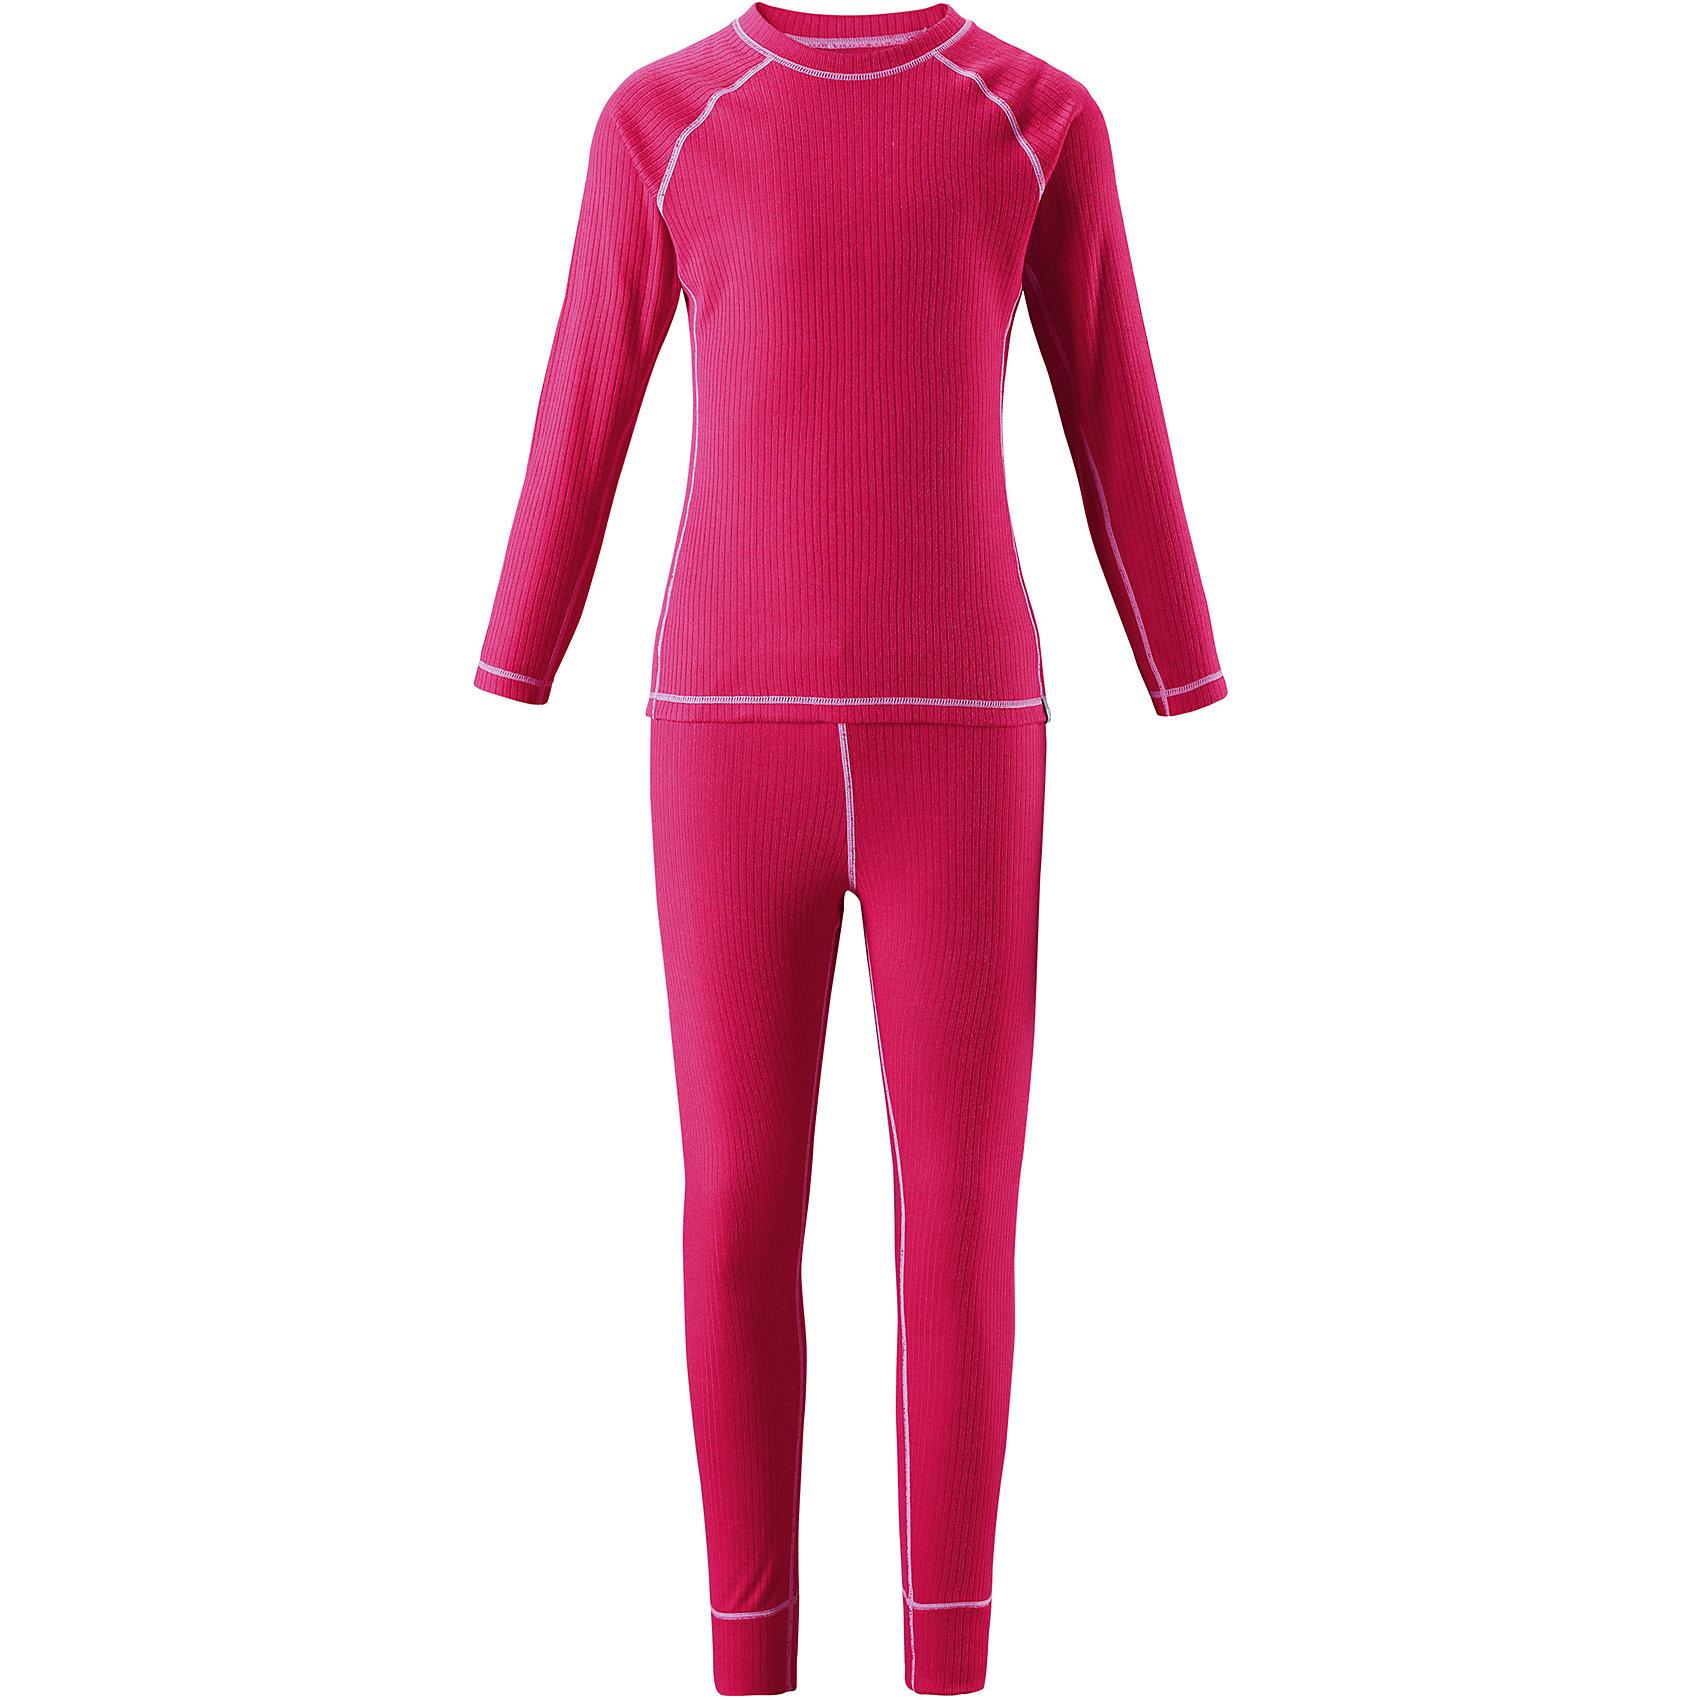 Комплект термобелья Reima CepheusФлис и термобелье<br>Характеристики товара:<br><br>• цвет: розовый;<br>• состав: 100% полиэстер; <br>• сезон: демисезон;<br>• выводит влагу наружу;<br>• специальный материал обеспечивает дополнительный комфорт;<br>• удлиненный подол сзади для дополнительной защиты;<br>• мягкие плоские швы для дополнительного комфорта: не раздражают кожу;<br>• швы контрастного цвета;<br>• страна бренда: Финляндия;<br>• страна изготовитель: Китай;<br><br>Детский базовый комплект станет отличным выбором для любителей активного отдыха на свежем воздухе: материал эффективно выводит влагу в верхние слои одежды и быстро сохнет. Комплект очень приятный на ощупь, он просто создан для веселых прогулок – в нем ребенок не замерзнет и не вспотеет! Футболка с удлиненной спинкой обеспечивает дополнительную защиту для поясницы, а мягкие и плоские швы не натирают кожу. <br><br>Комплект термобелья Reima Cepheus (Рейма) можно купить в нашем интернет-магазине.<br><br>Ширина мм: 196<br>Глубина мм: 10<br>Высота мм: 154<br>Вес г: 152<br>Цвет: розовый<br>Возраст от месяцев: 96<br>Возраст до месяцев: 108<br>Пол: Унисекс<br>Возраст: Детский<br>Размер: 170,100,110,120,130,140,150,160<br>SKU: 6906425